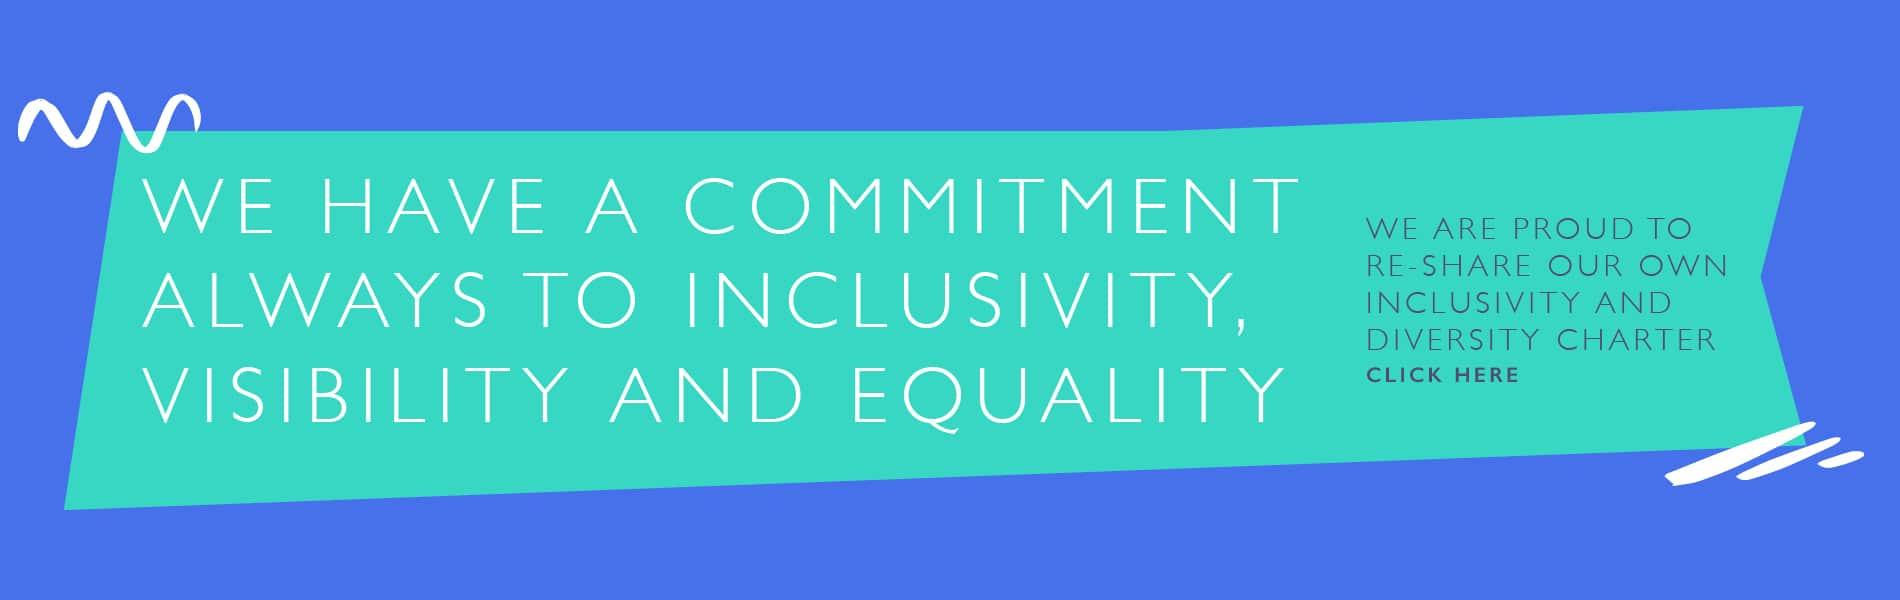 GS Diversity Charter